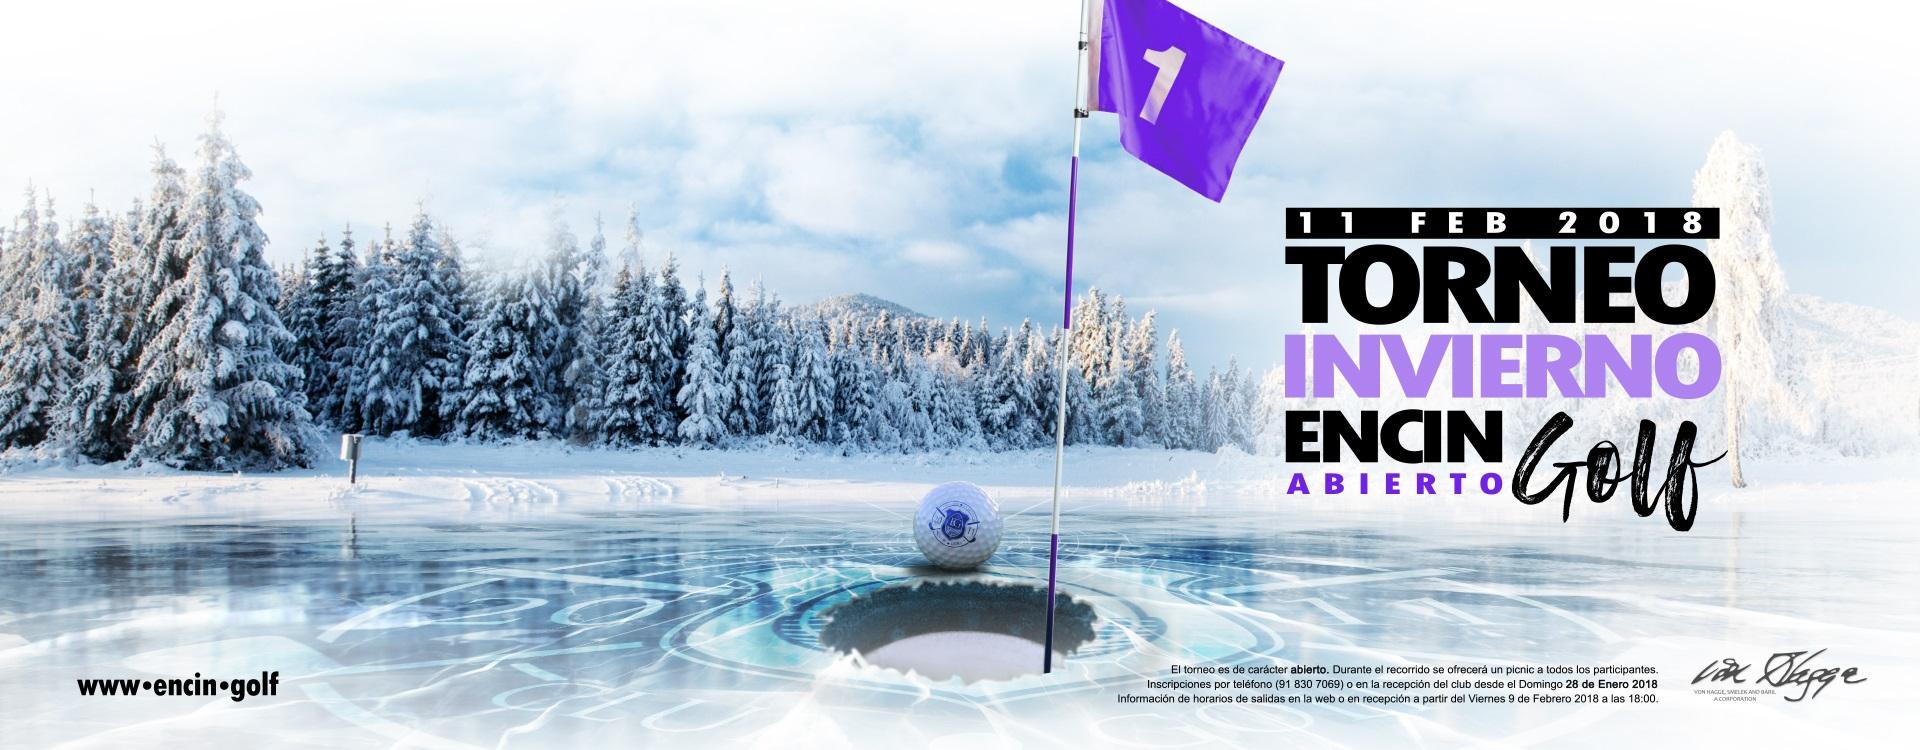 https://perfectpixel.es/wp-content/uploads/2018/02/Banner-Torneo-Torneo-Invierno.jpg